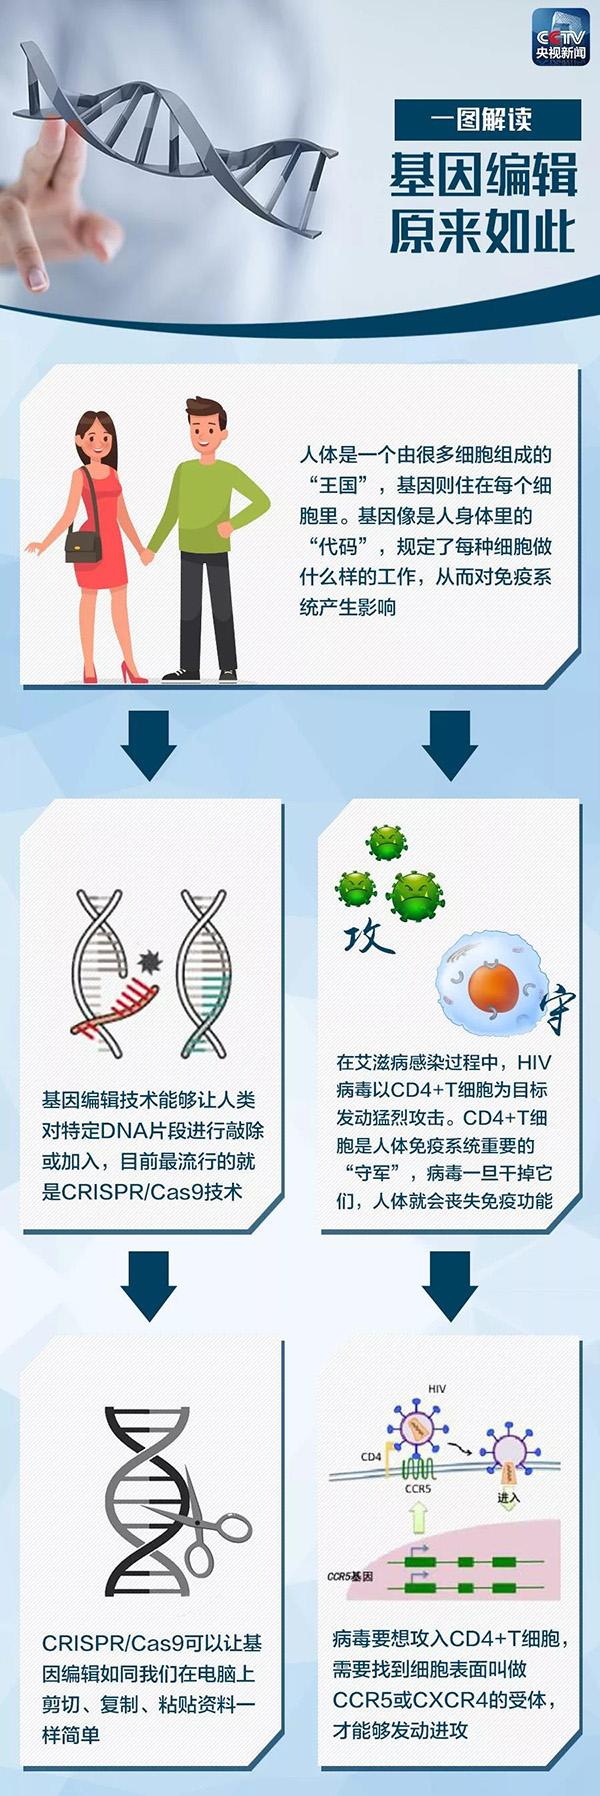 CCTV edit genes3.jpg